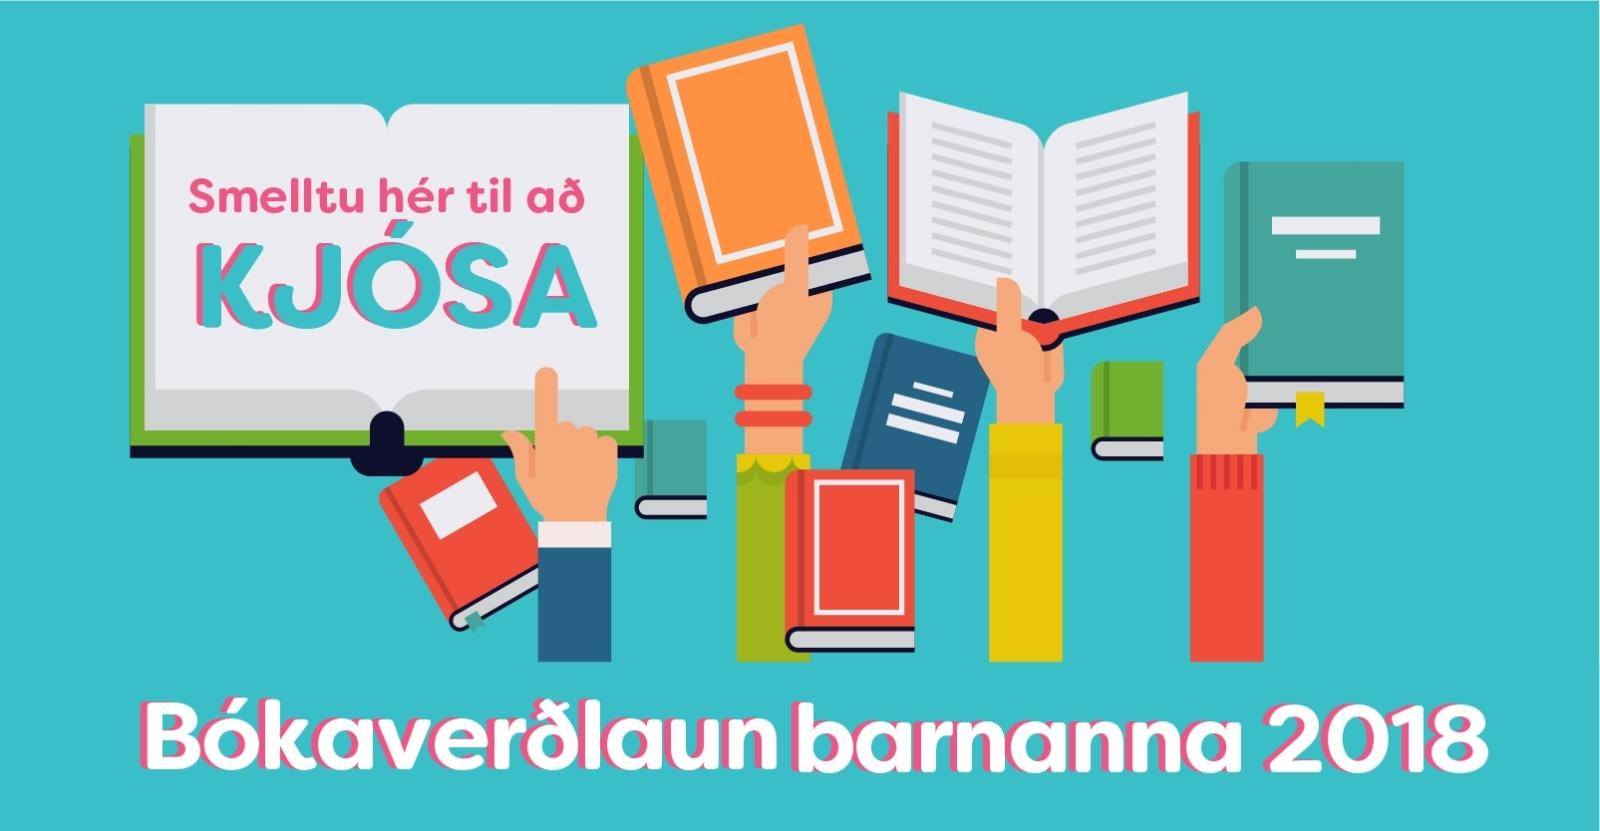 Mynd fyrir Bókaverðlaun barnana 2018